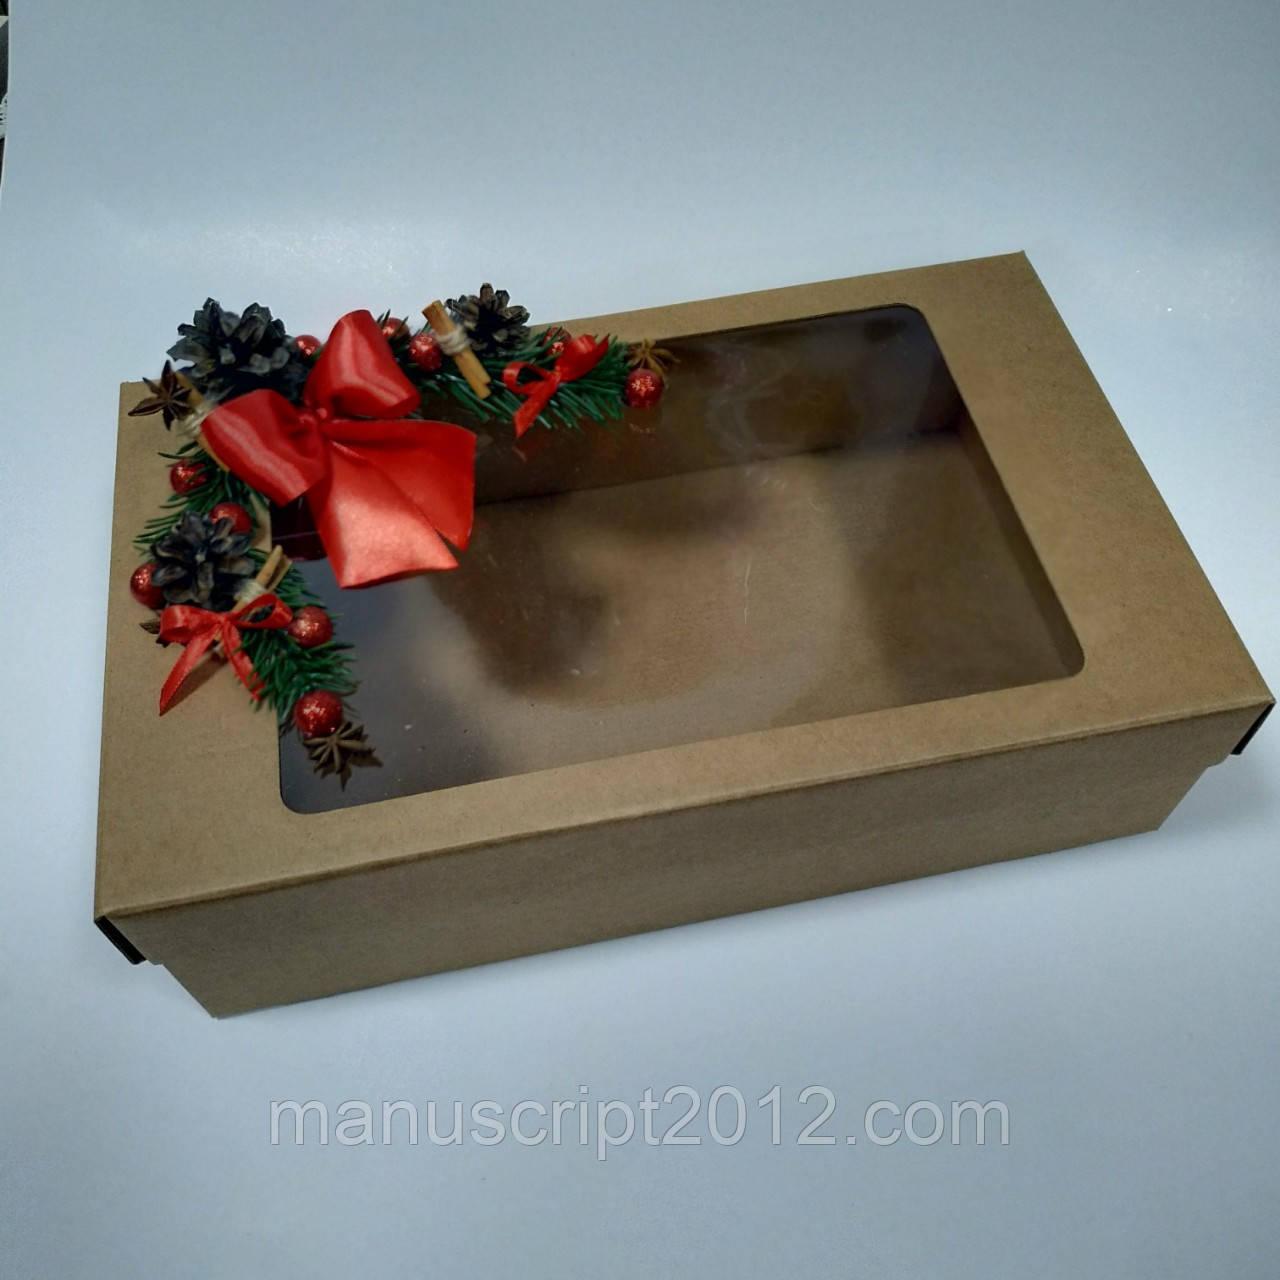 Подарочная  коробка  с  крышкой и новогодним декором 350х210х100 мм.